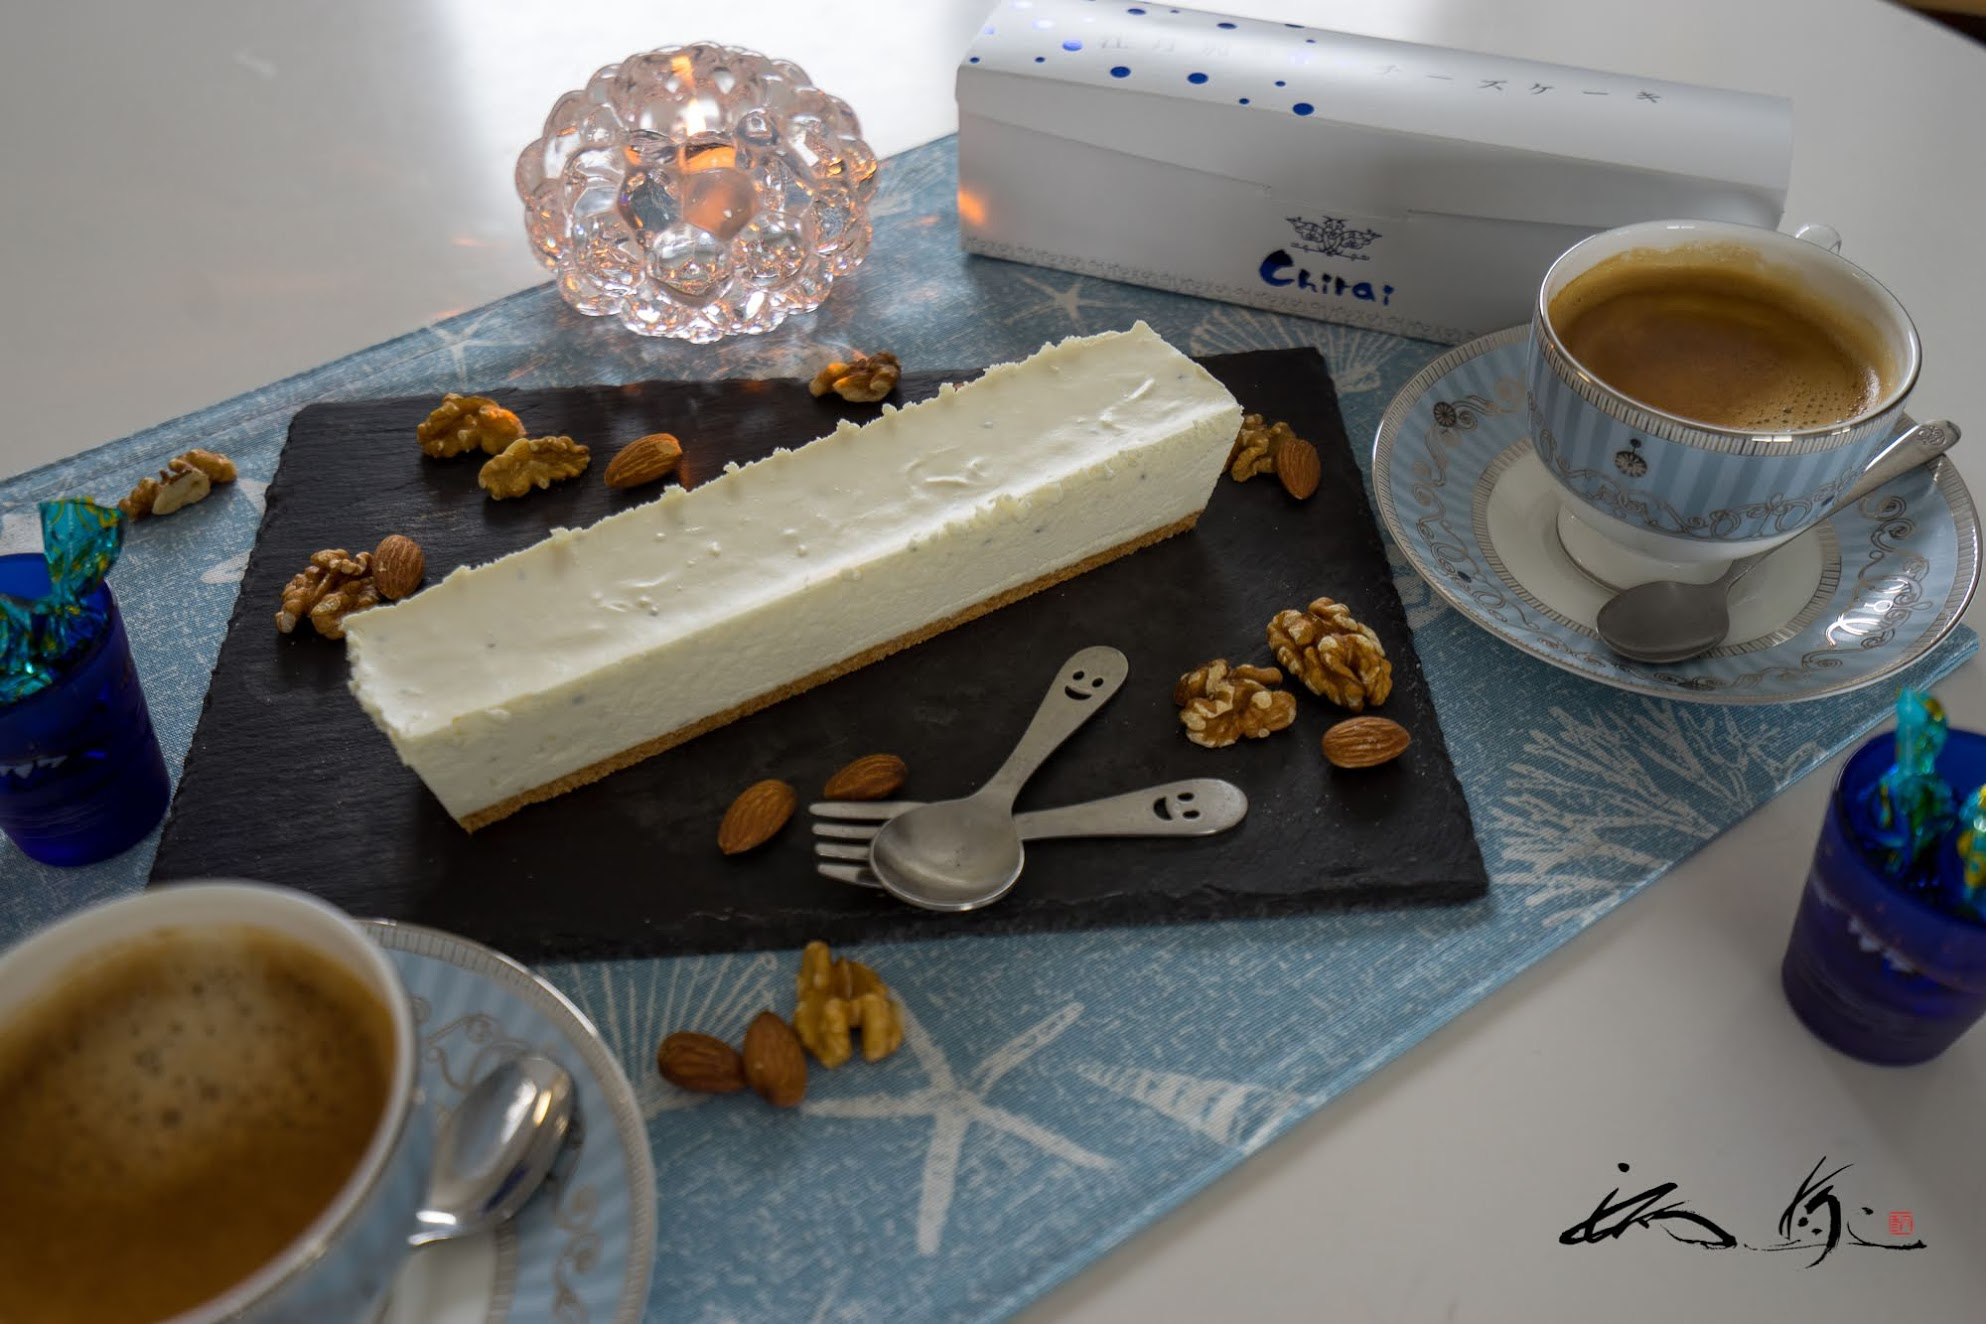 江丹別の青いチーズケーキ@アゼリア(旭川空港ターミナルショップ)幻のブルーチーズケーキに出会う